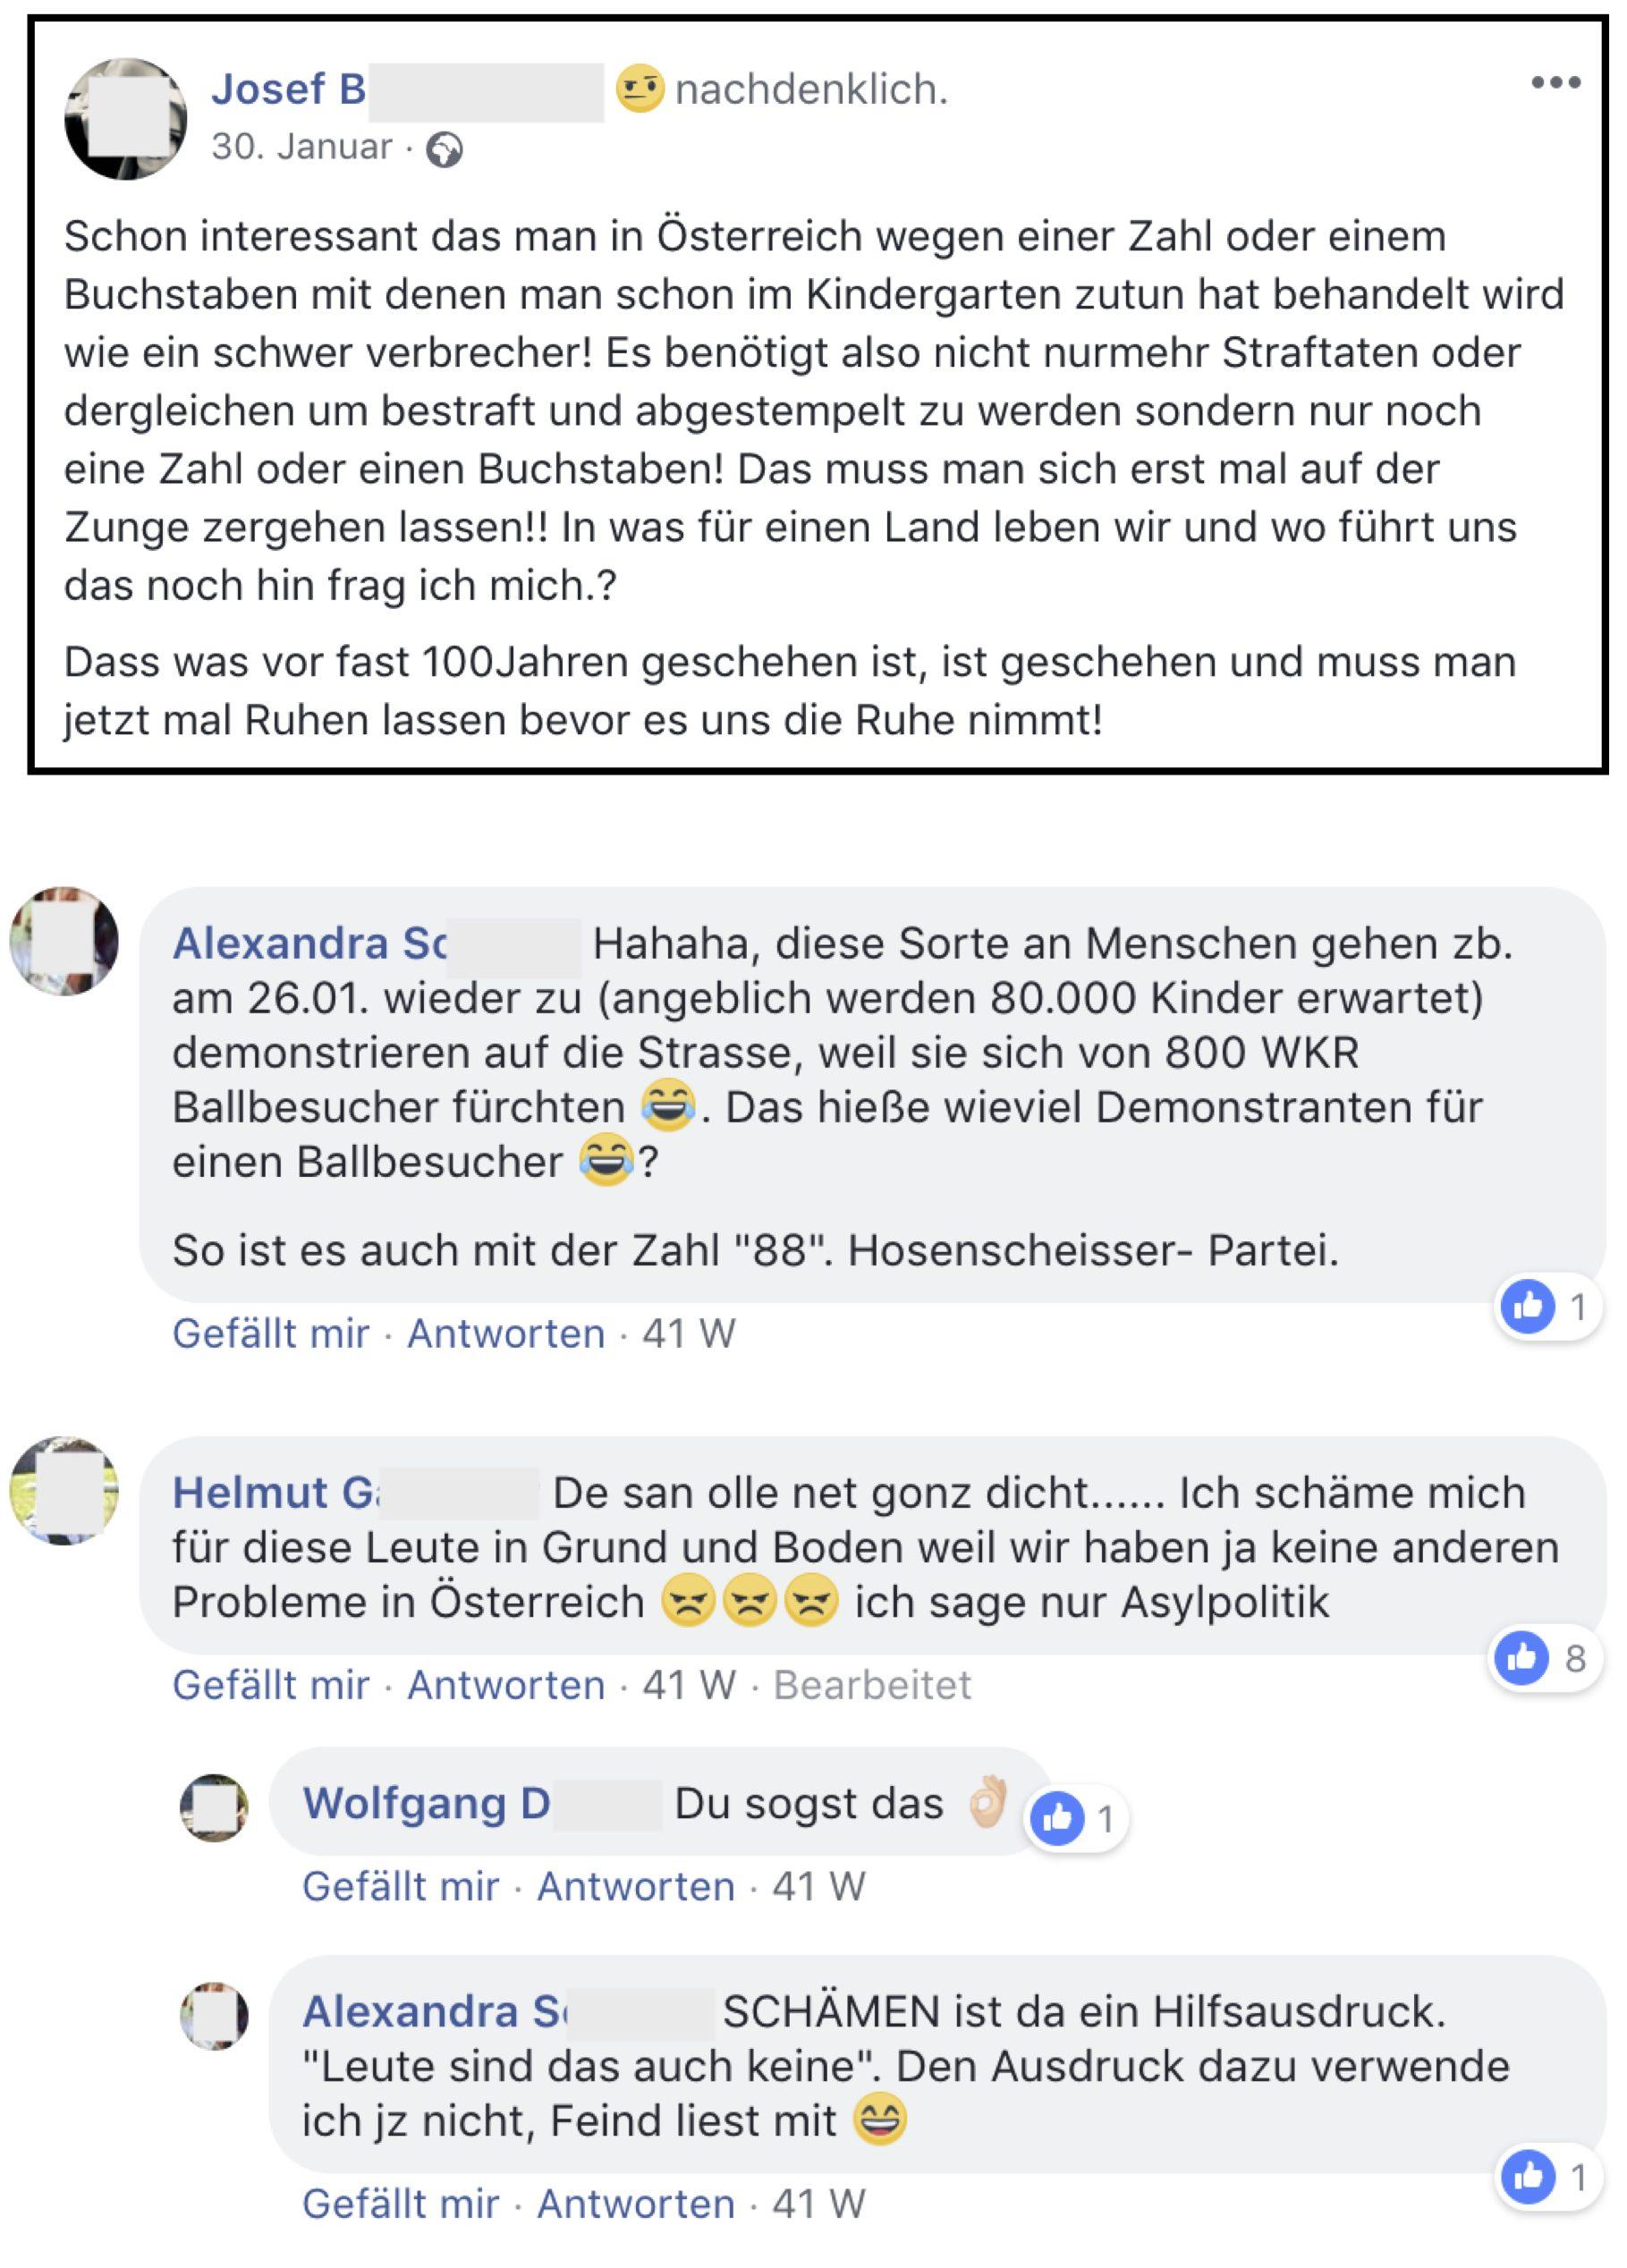 Unverständnis und Empörung bei Josef. B. und ParteifreundInnen, darunter Alexandra S., Obmann-Stellvertreterin der Freiheitlichen Arbeitnehmer Salzburg